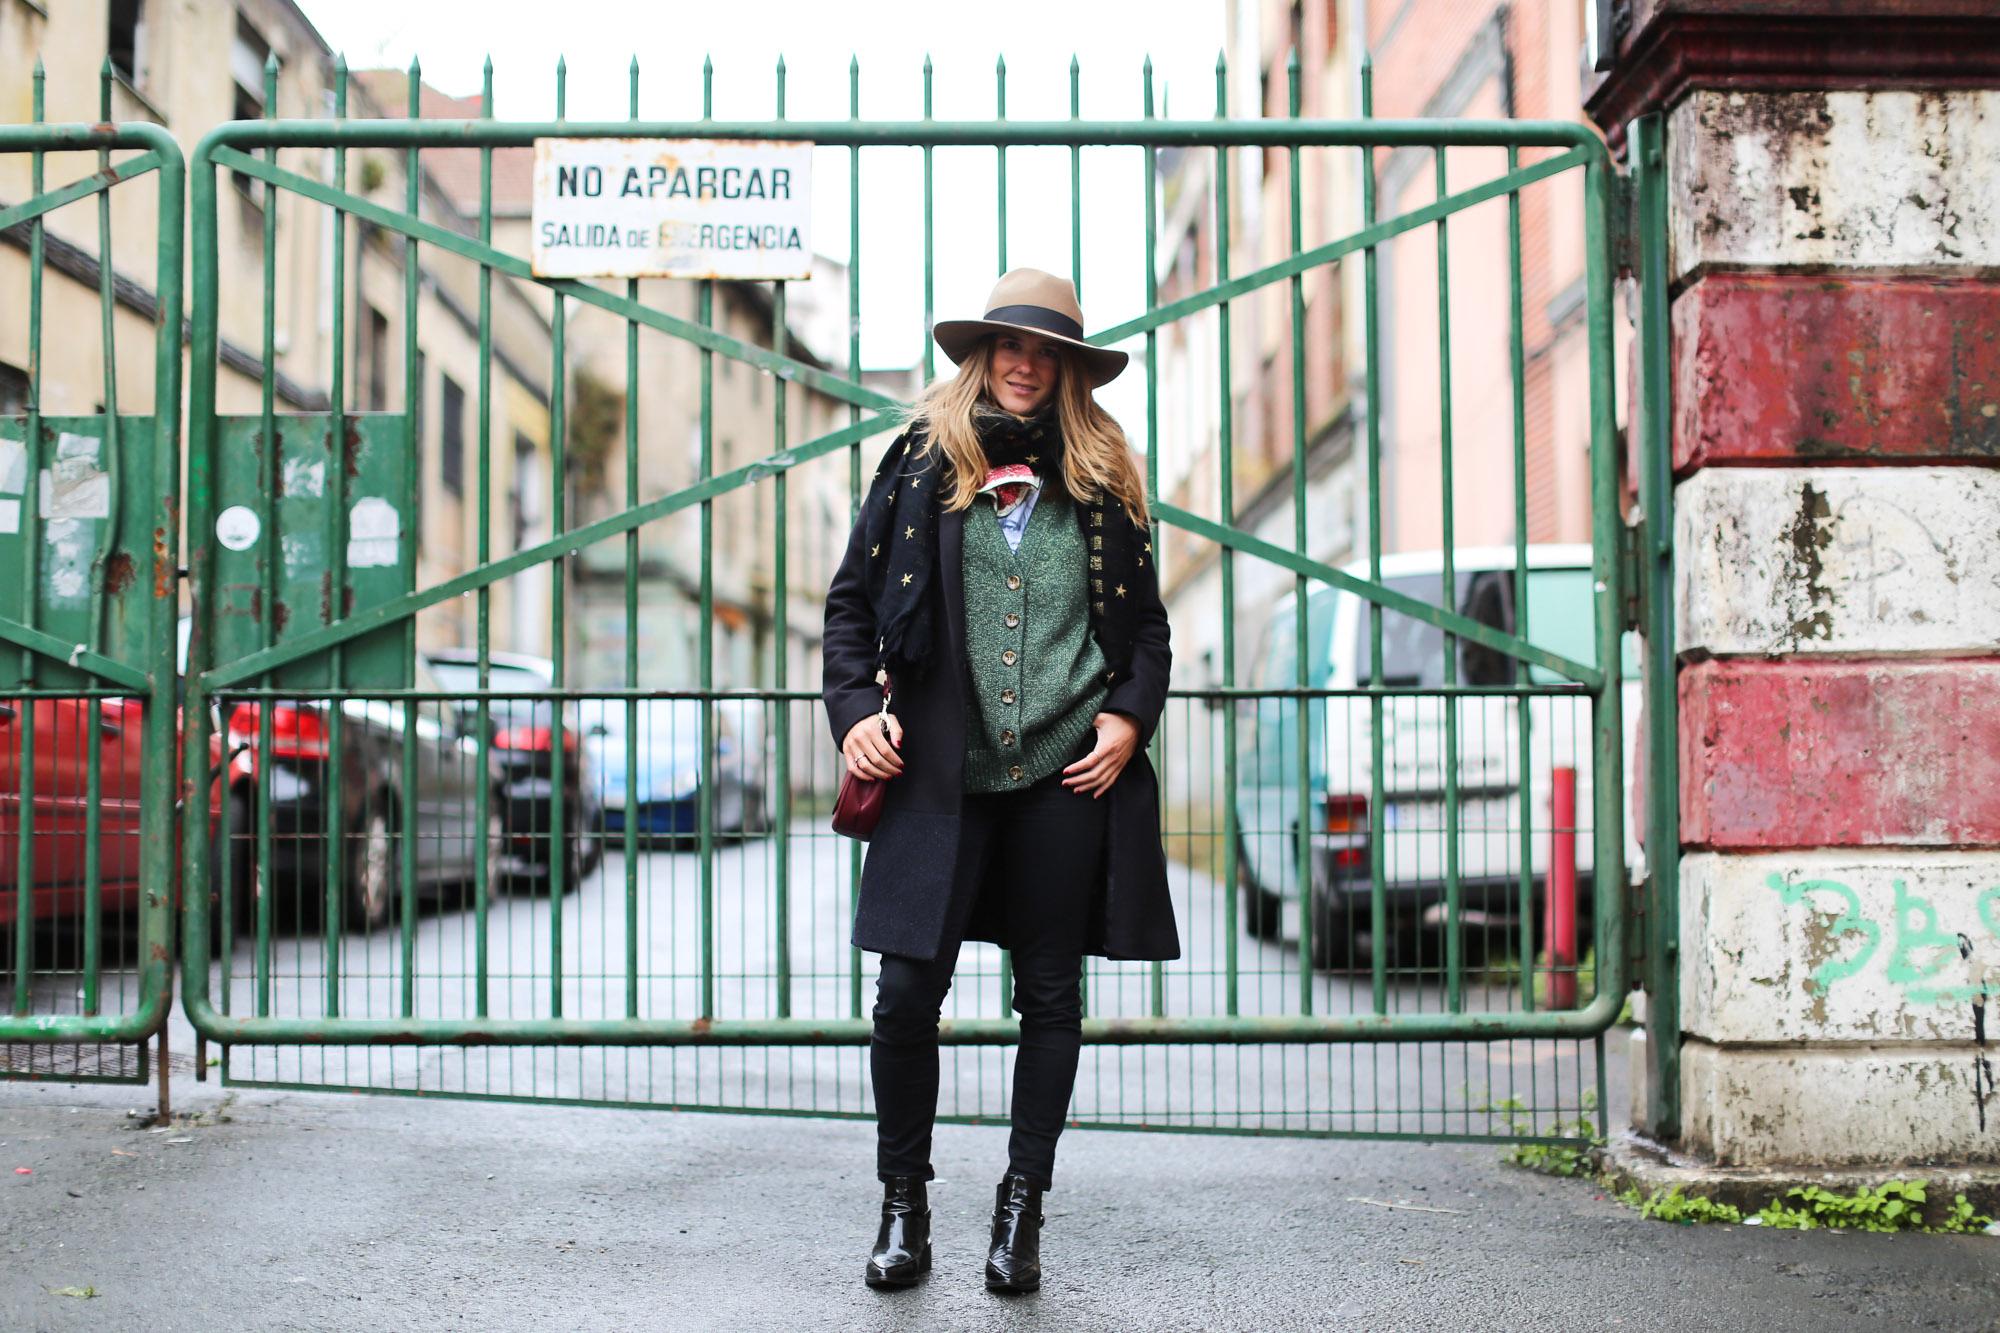 Clochet_fashionblogger_streetstyle_coswoolcoat_purificaciongarciapañuelodeseda_bolsobandolerawestfalia-2